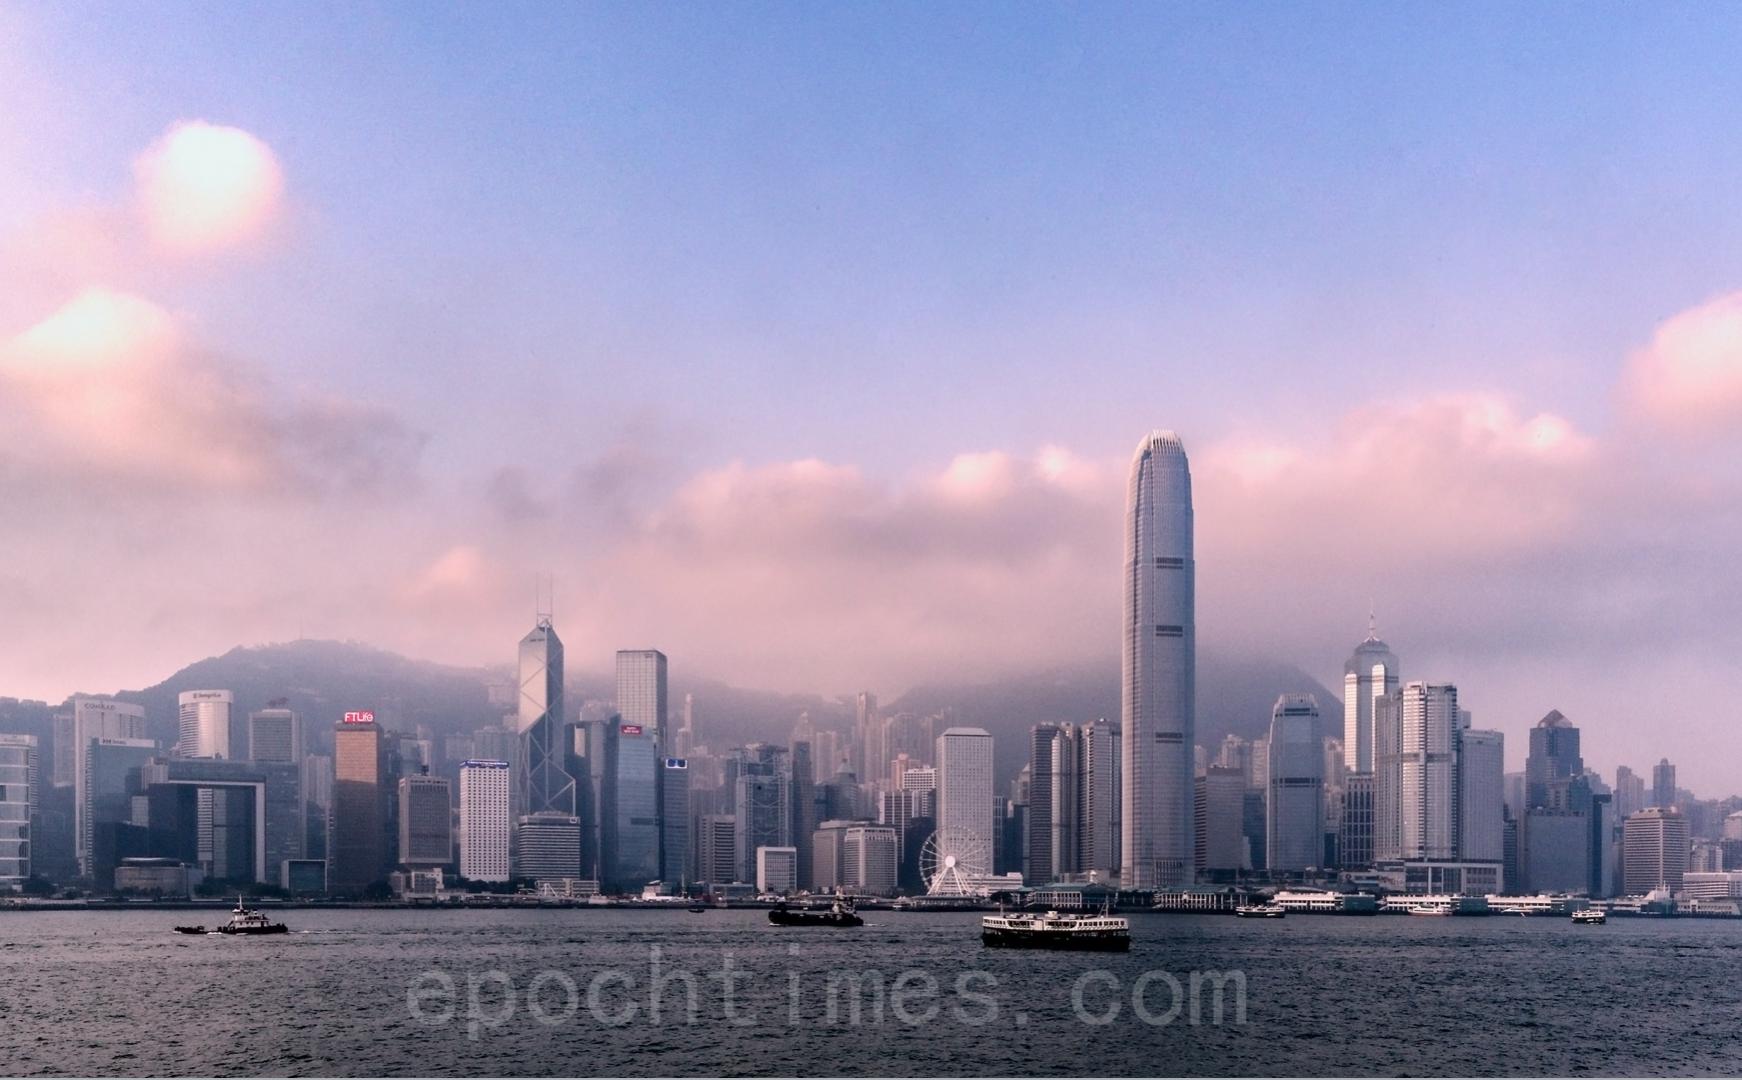 香港人在近期掀起新一波移民潮,投資銀行美銀發表最新報告,估算未來5年將有約32萬名港人移民英國,或將導致資金流出本港。(大紀元資料圖片)